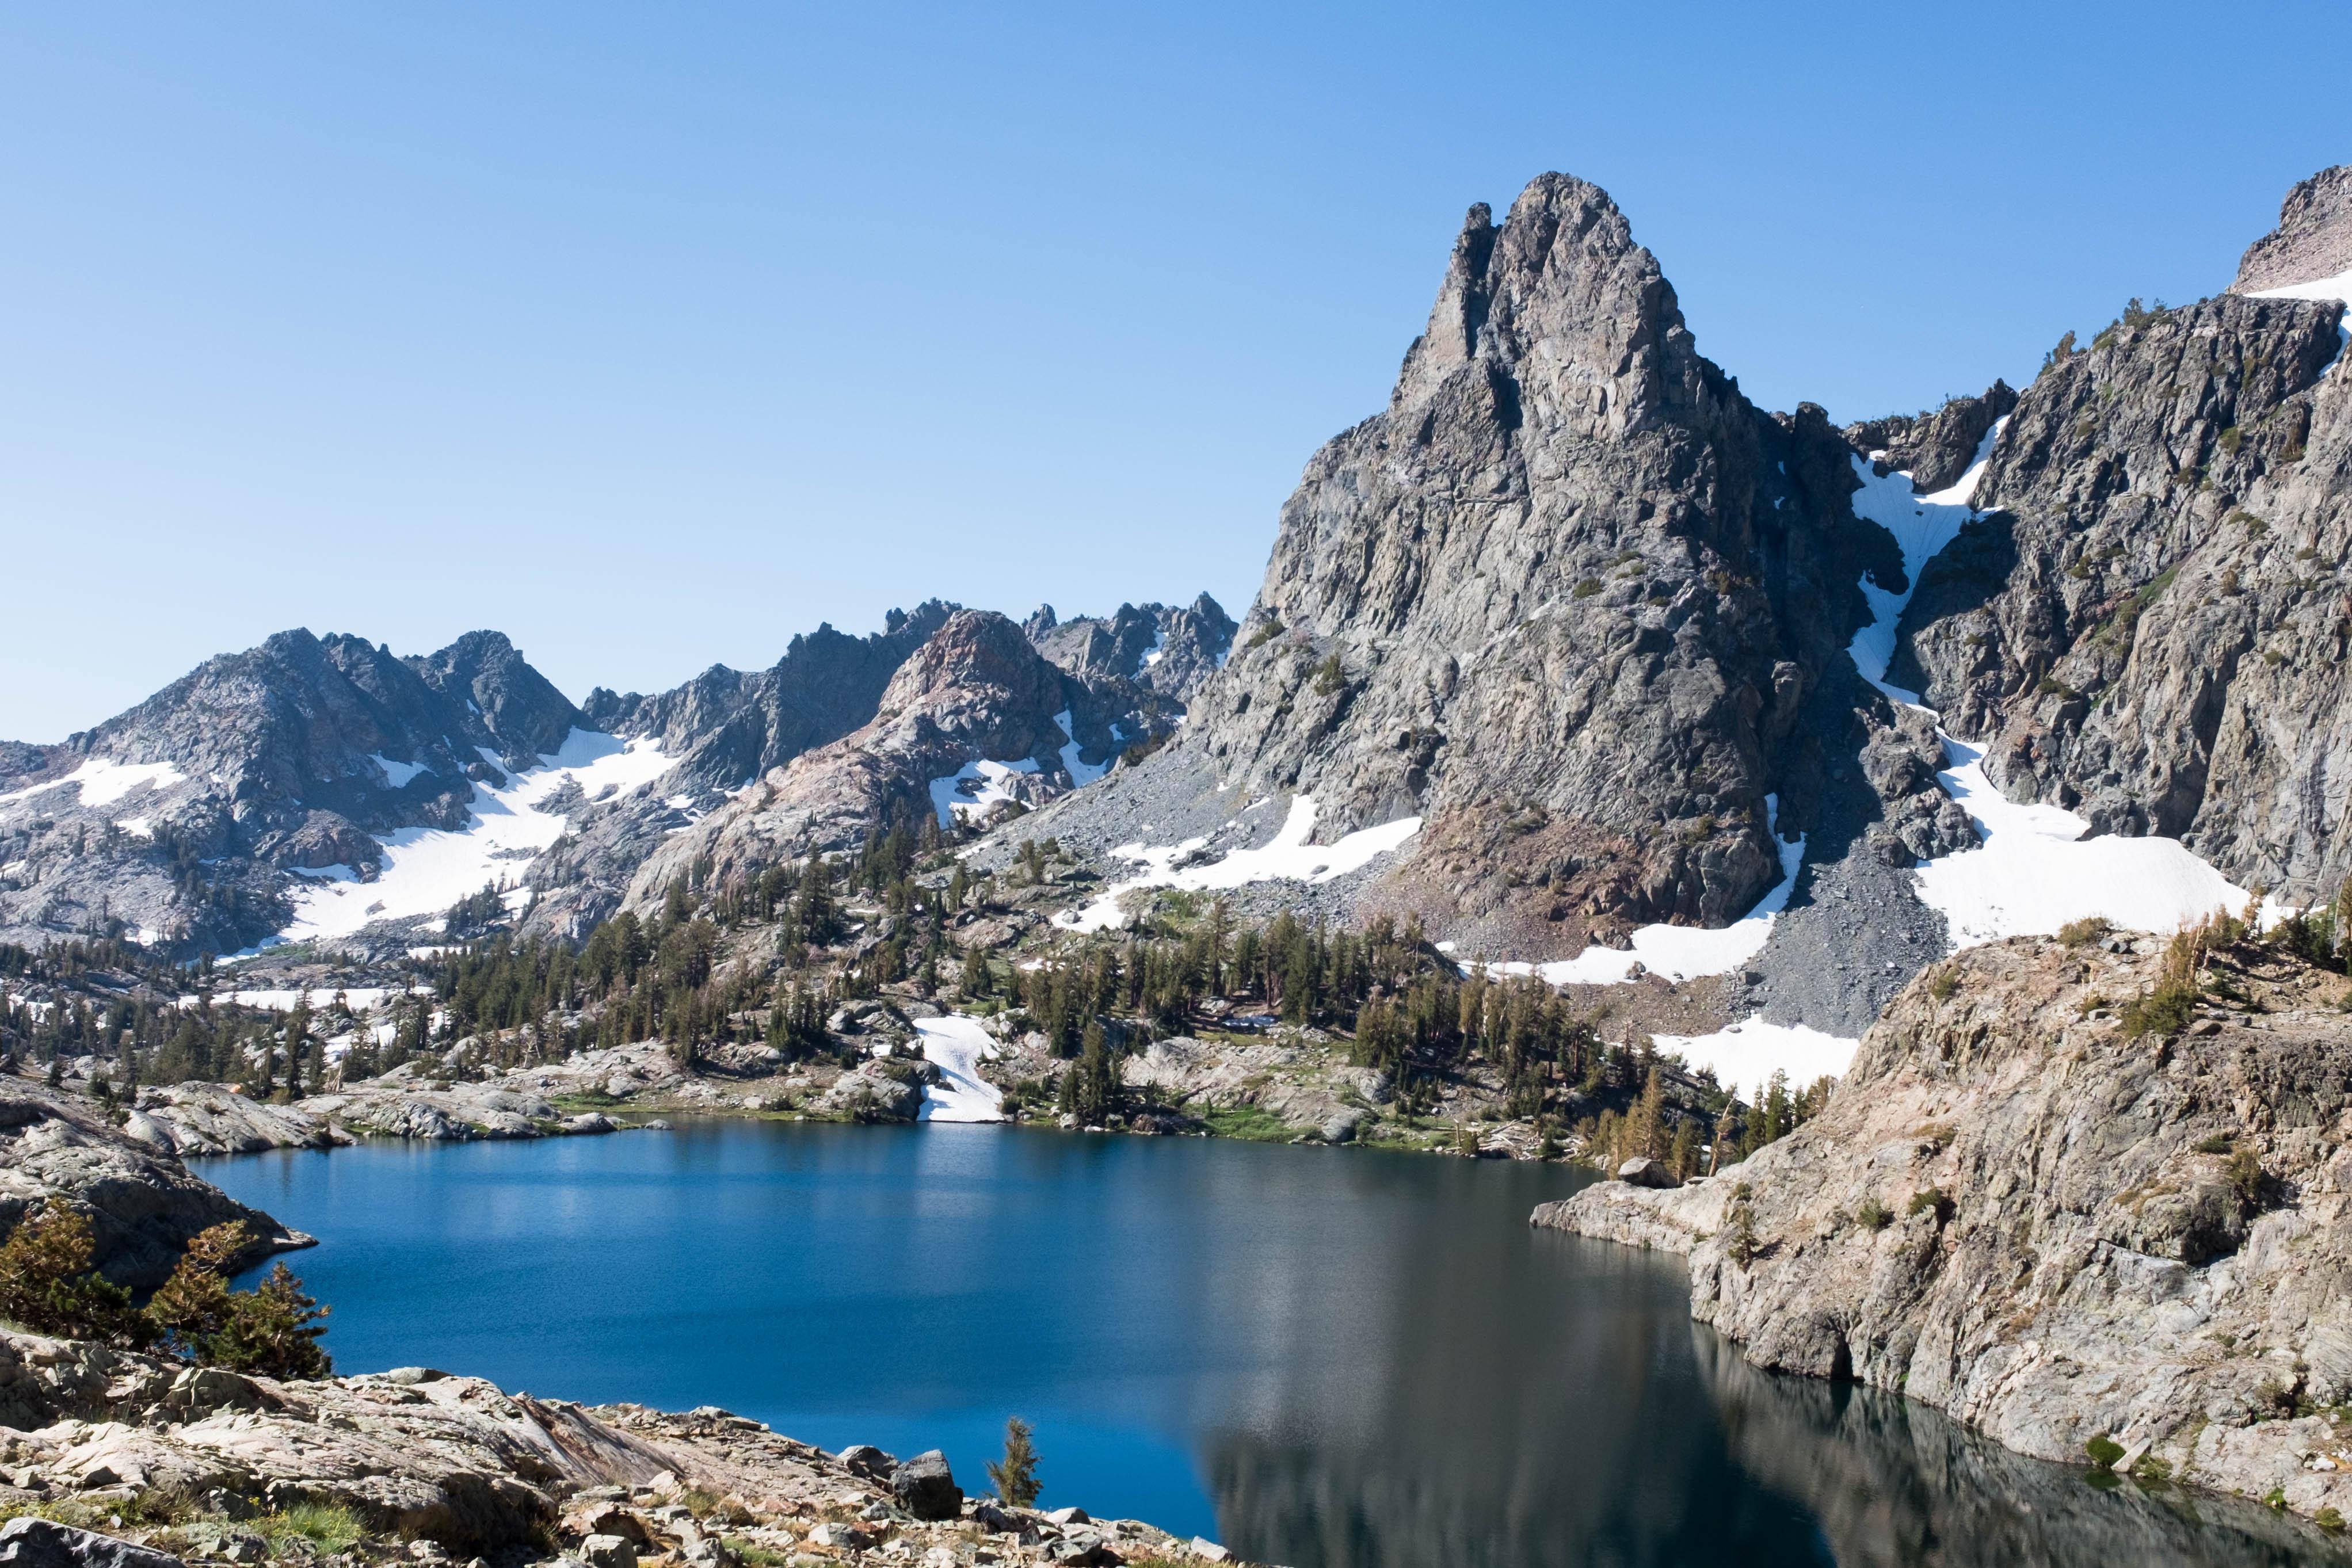 John Muir Trail Devils Postpile To Ediza Lake